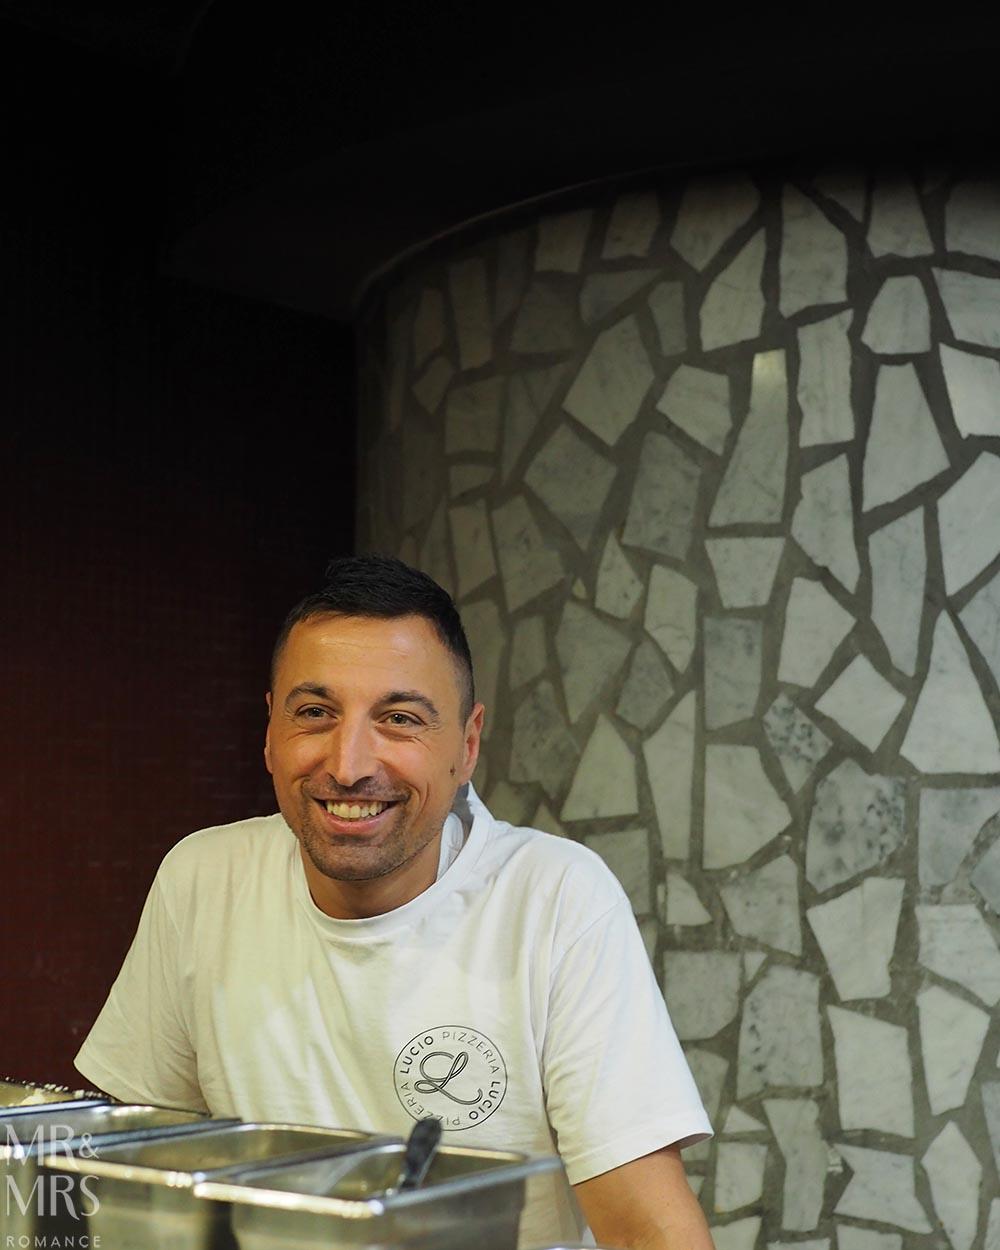 Lucio Pizzeria Sydney - Lucio De Falco